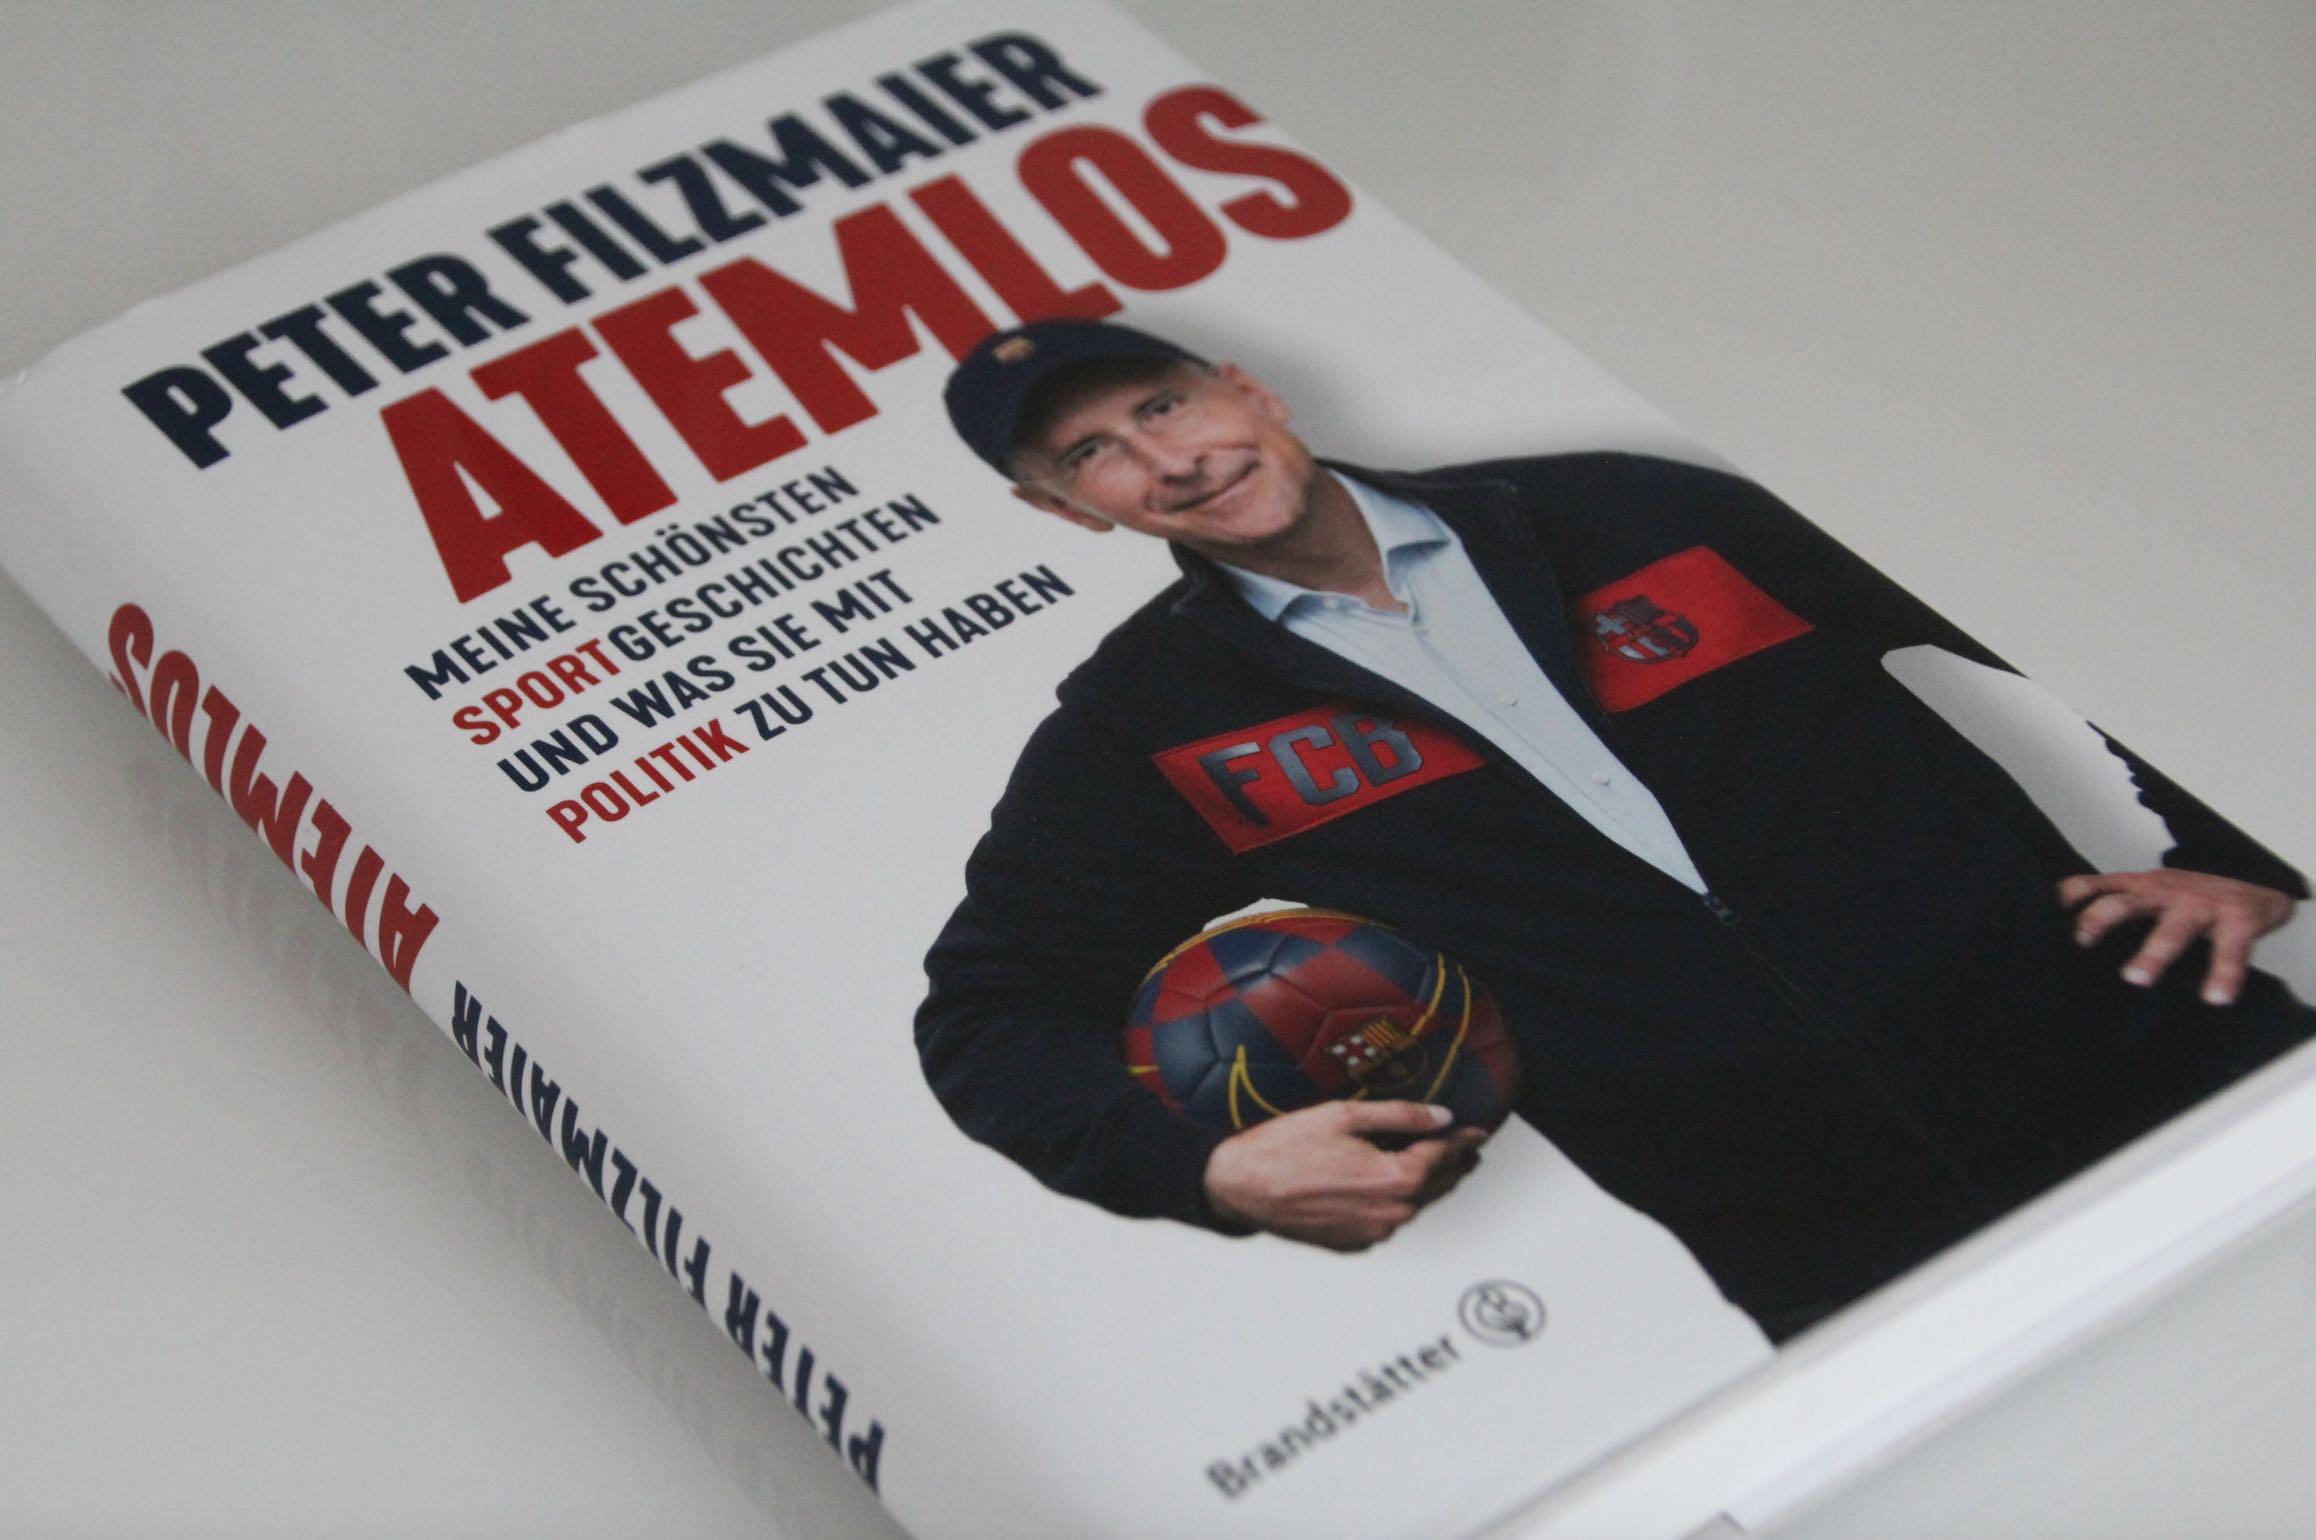 Neues Buch Filzmaier